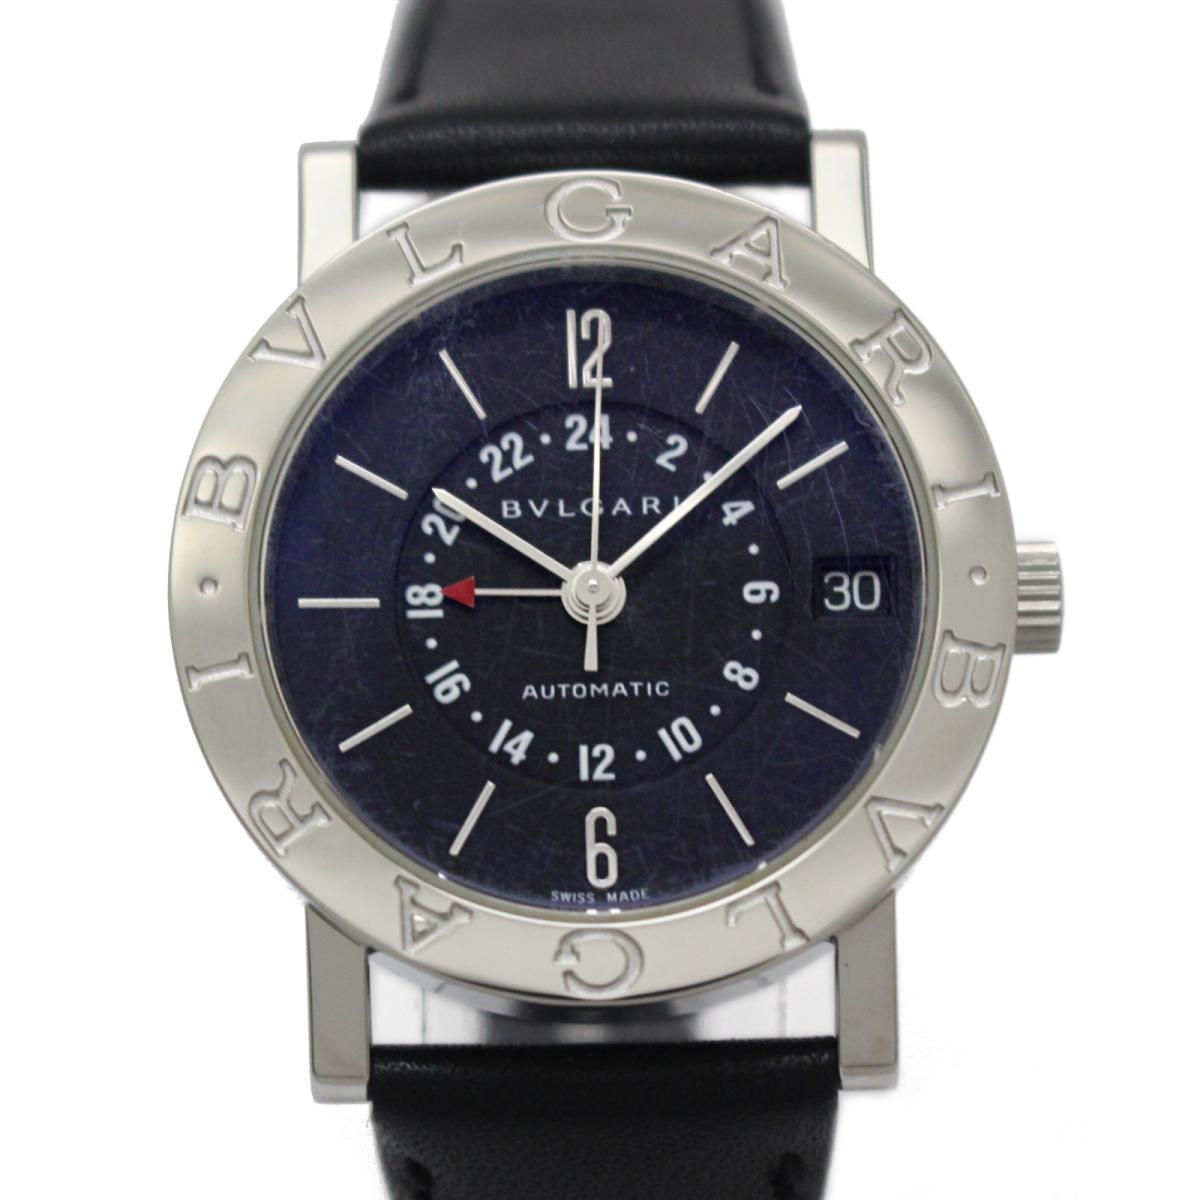 【中古】 ブルガリ ブルガリGMT ボーイズウォッチ メンズ レディース 腕時計 ステンレススチール (SS) レザーベルト ブラック (BB33SLGMT) | BVLGARI BRANDOFF ブランドオフ ブランド ブランド時計 ブランド腕時計